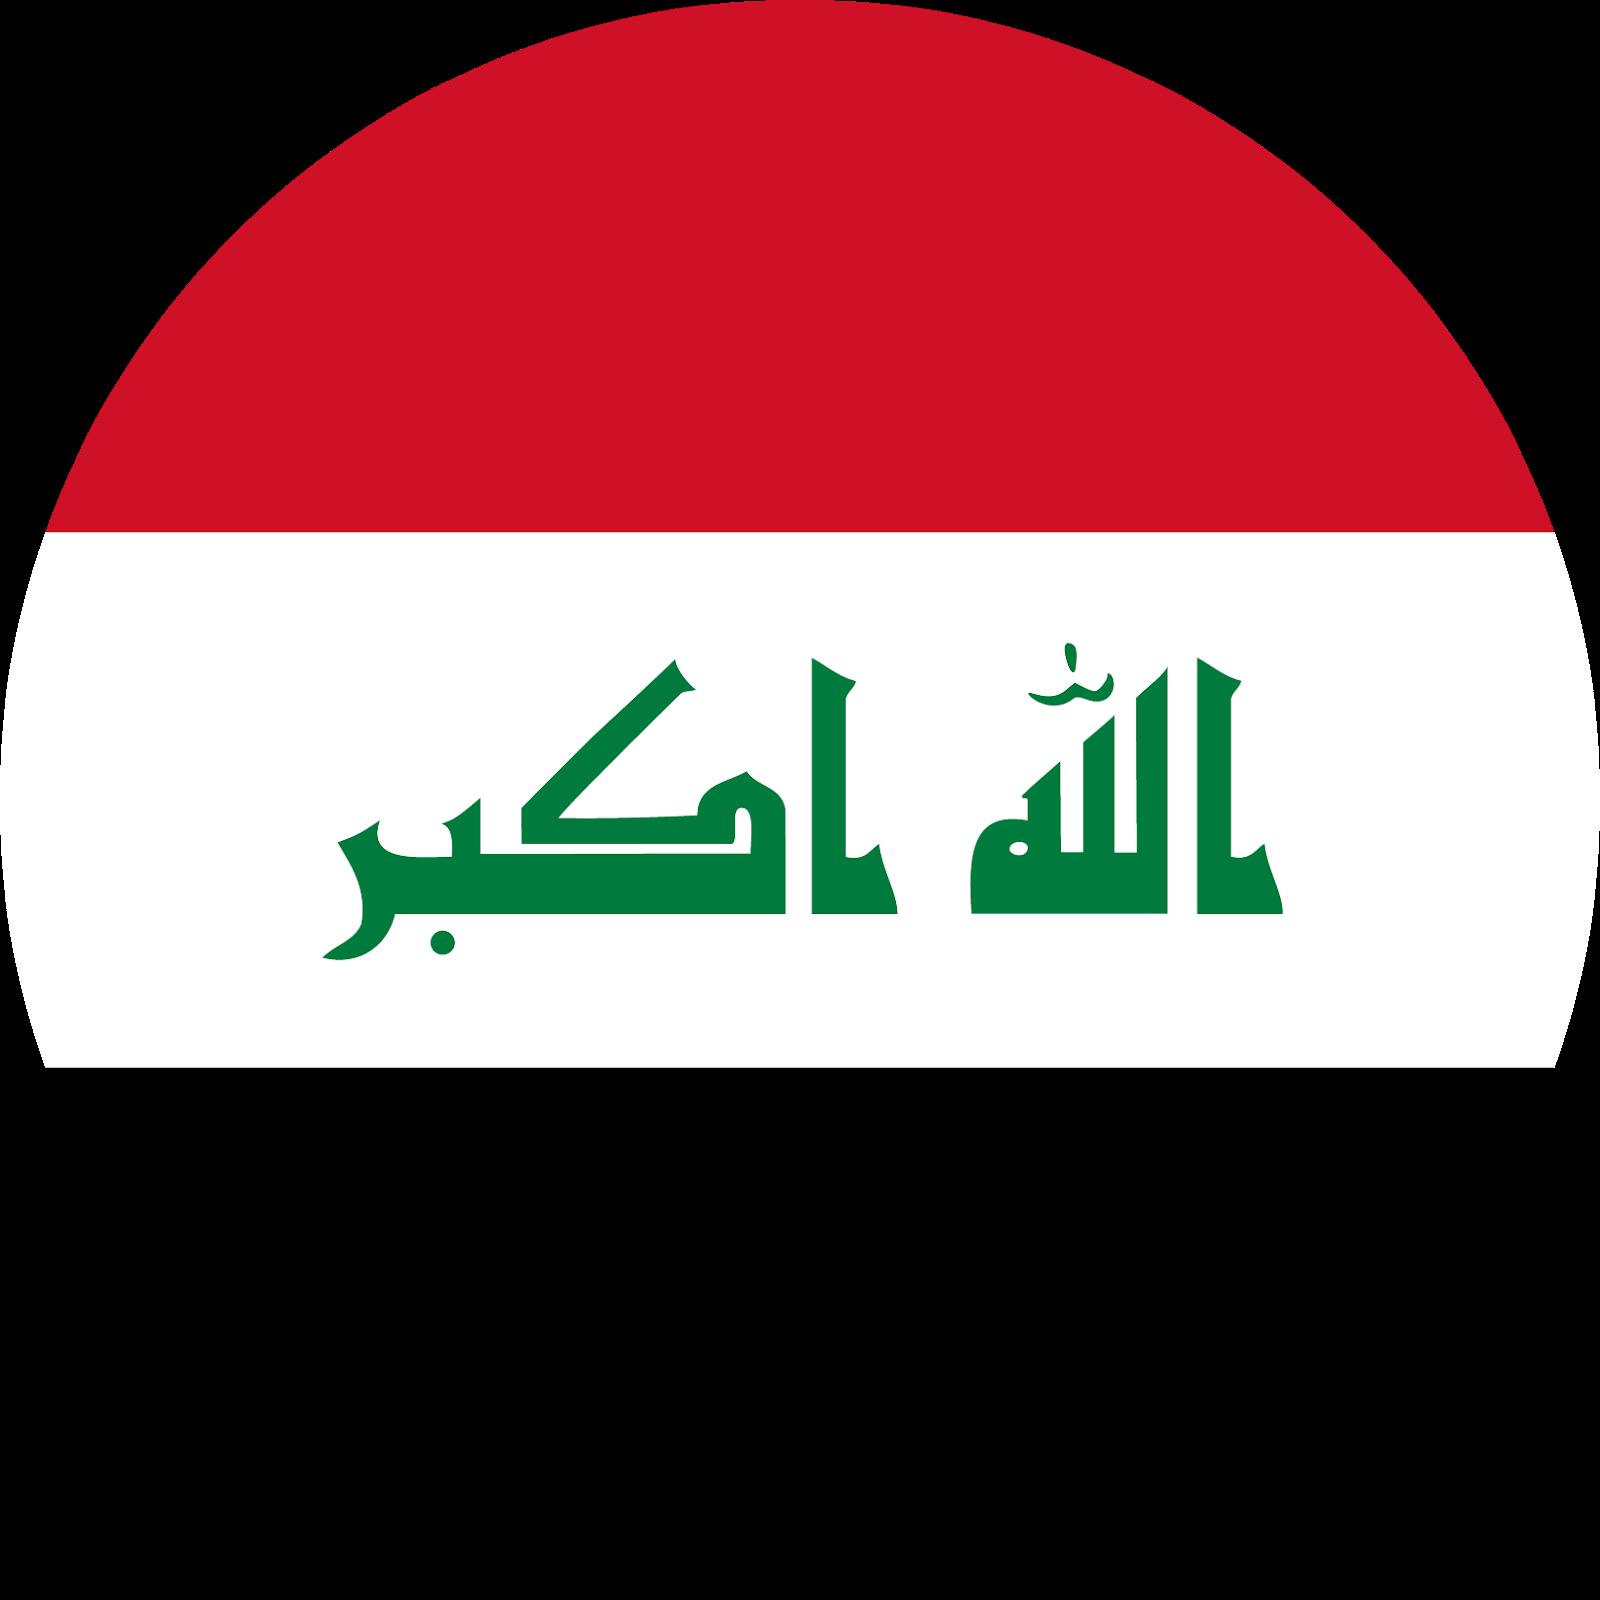 download flag iraq svg eps png psd ai vector color free 2019 - el fonts  vectors